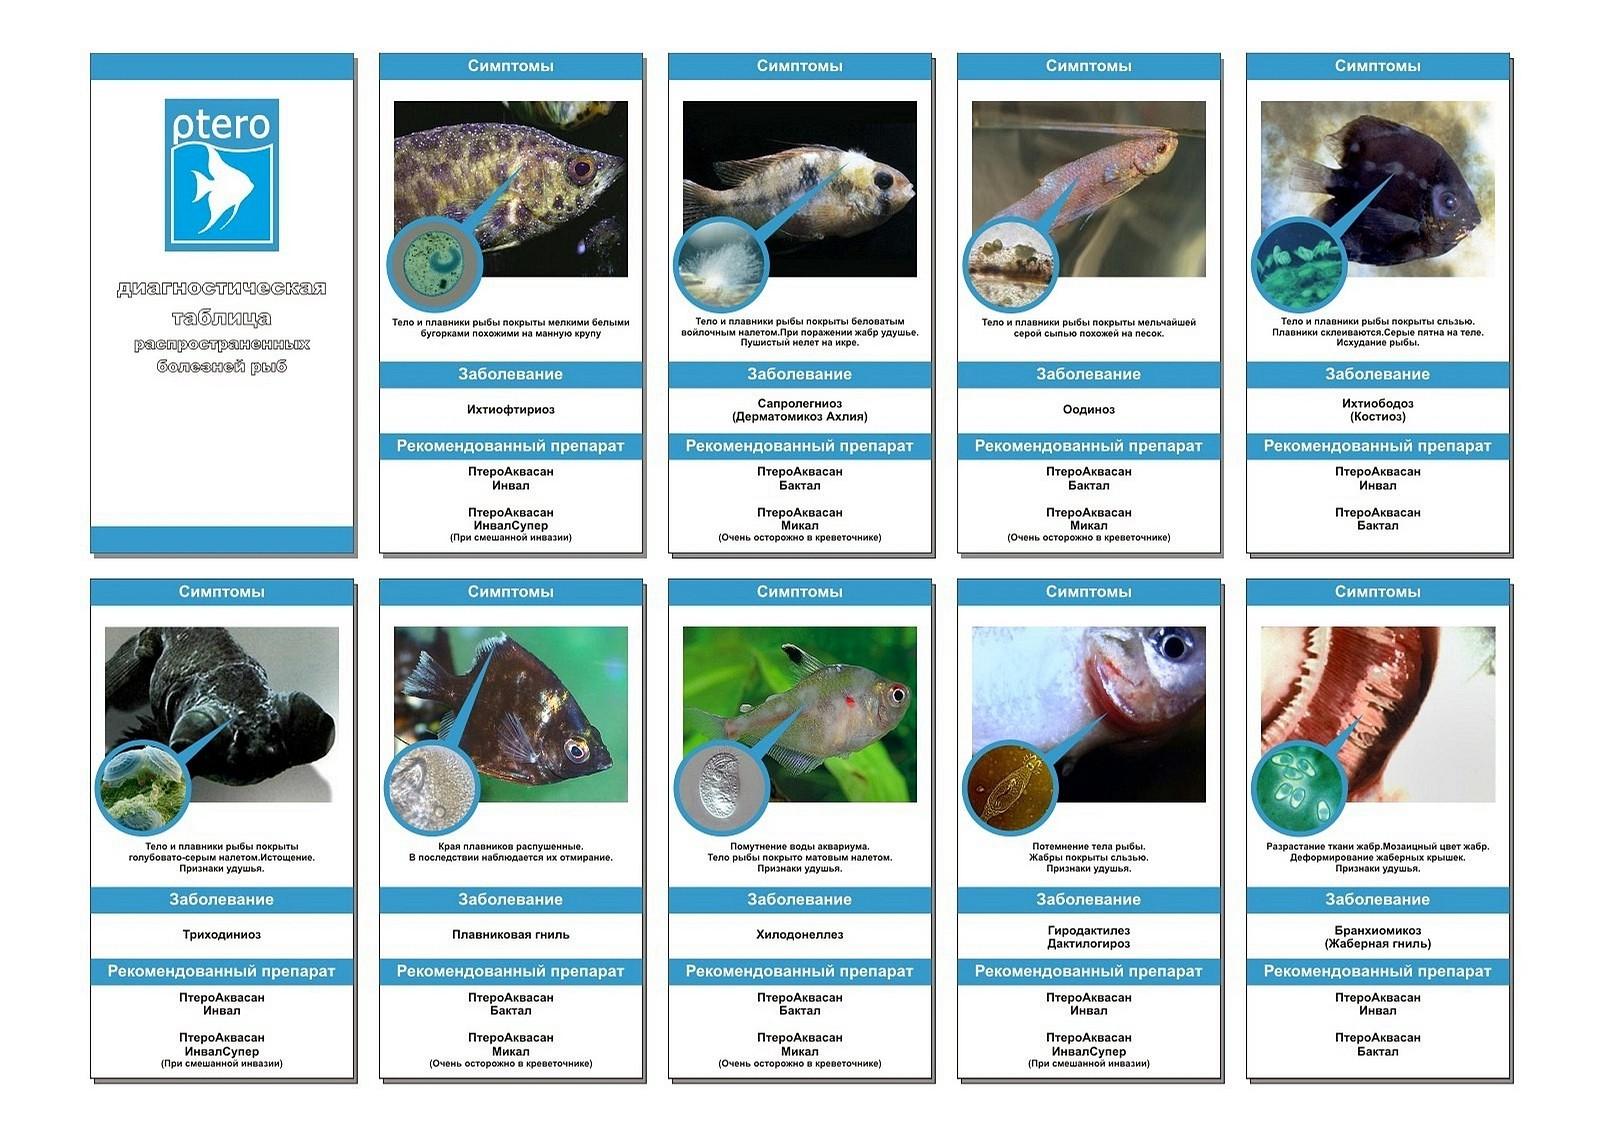 вы повышаете концентрацию меди до эффективного уровня (02-04 мг/л) и безопасного для аквариумных рыб